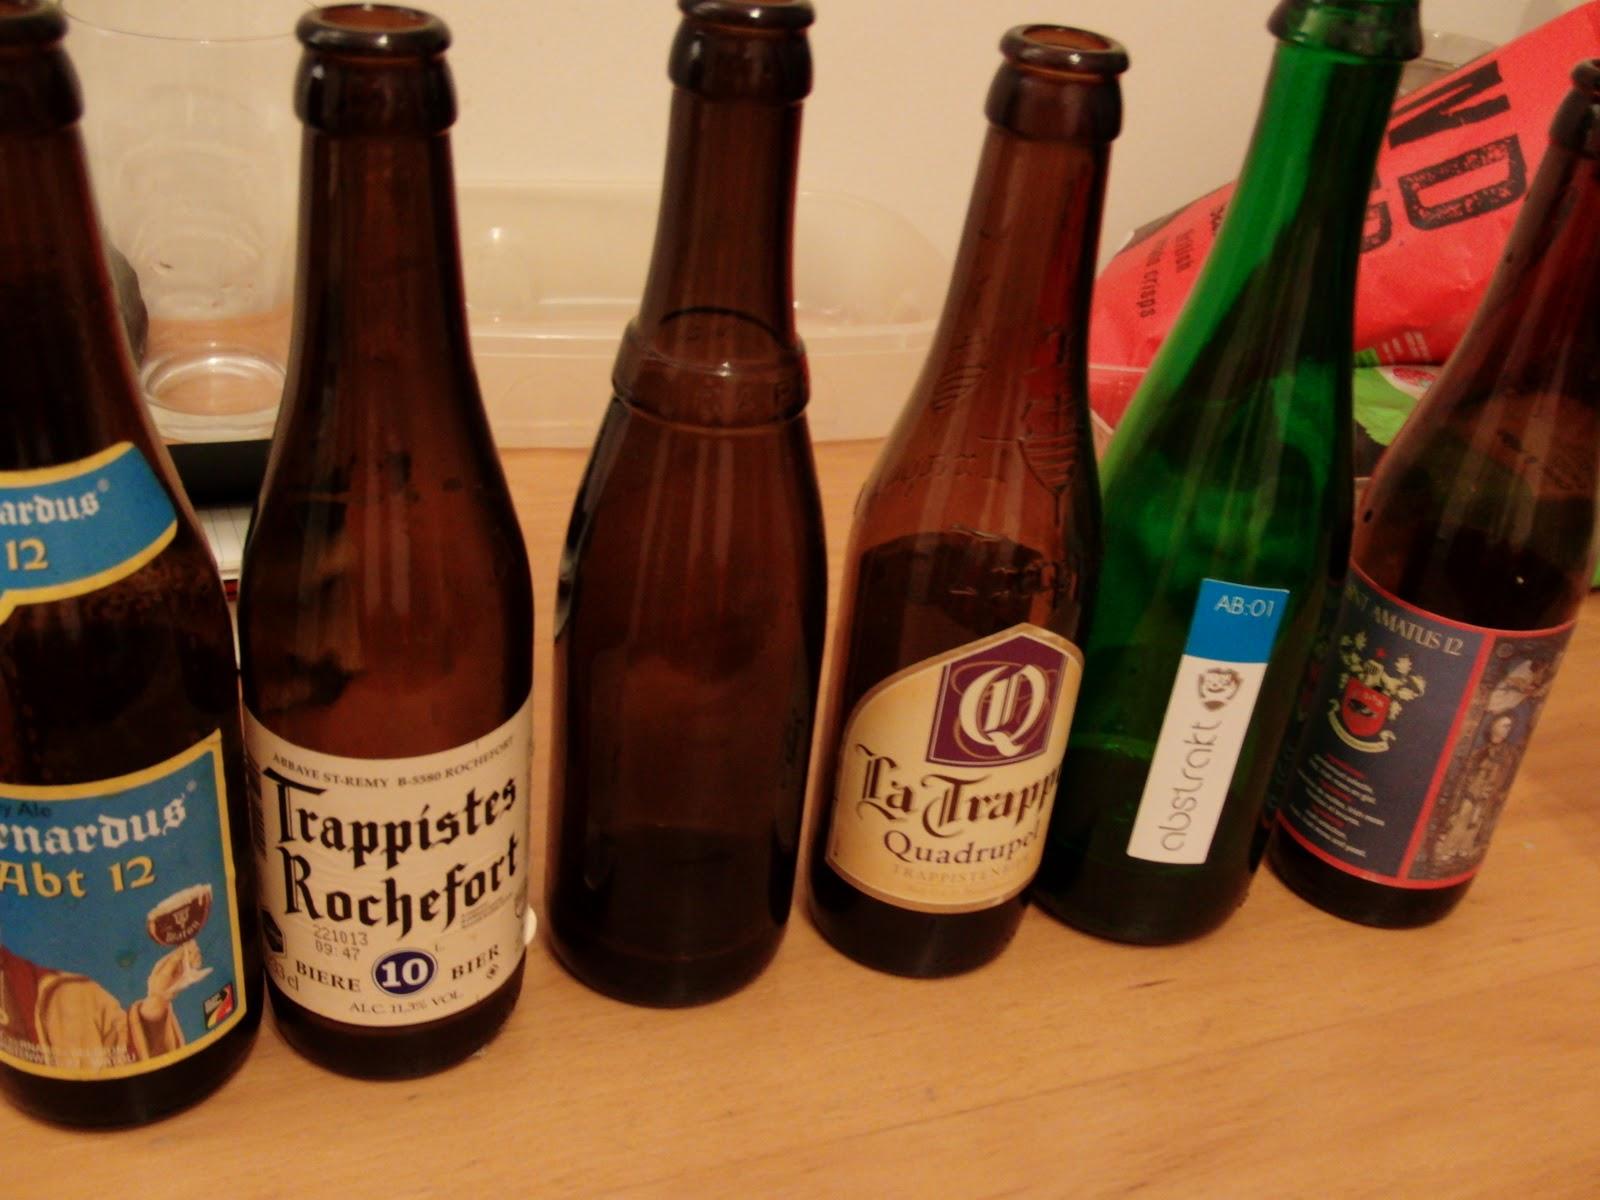 Mark Dredge Beer A Quadruple Blind Tasting